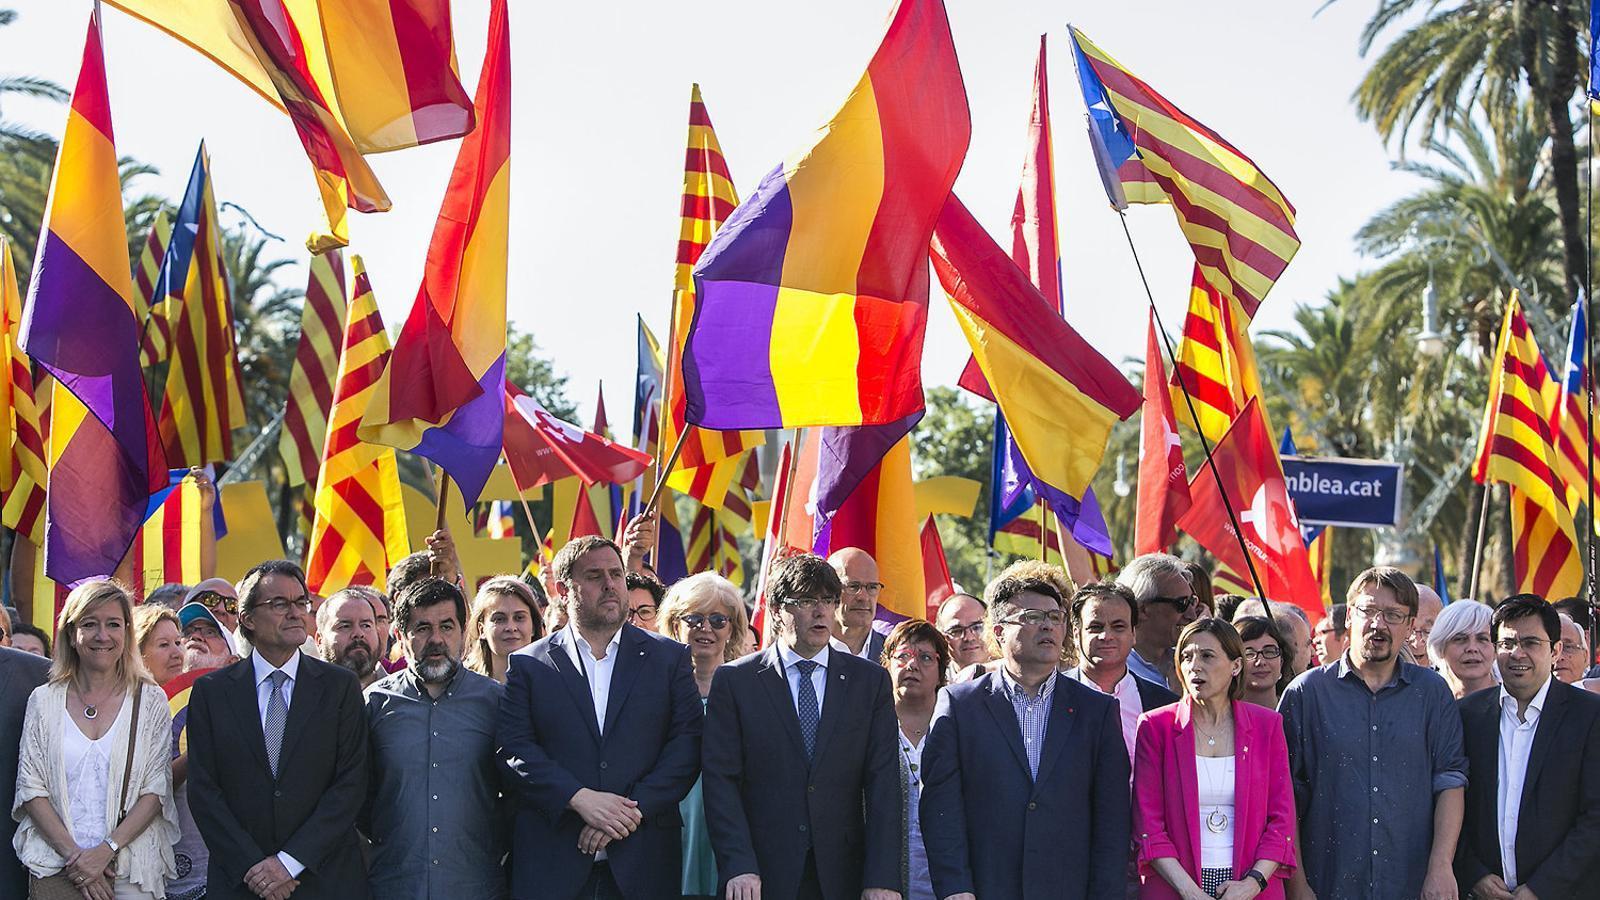 Partits i entitats es van reunir per donar suport a Joan Josep Nuet davant les portes  del TSJC.